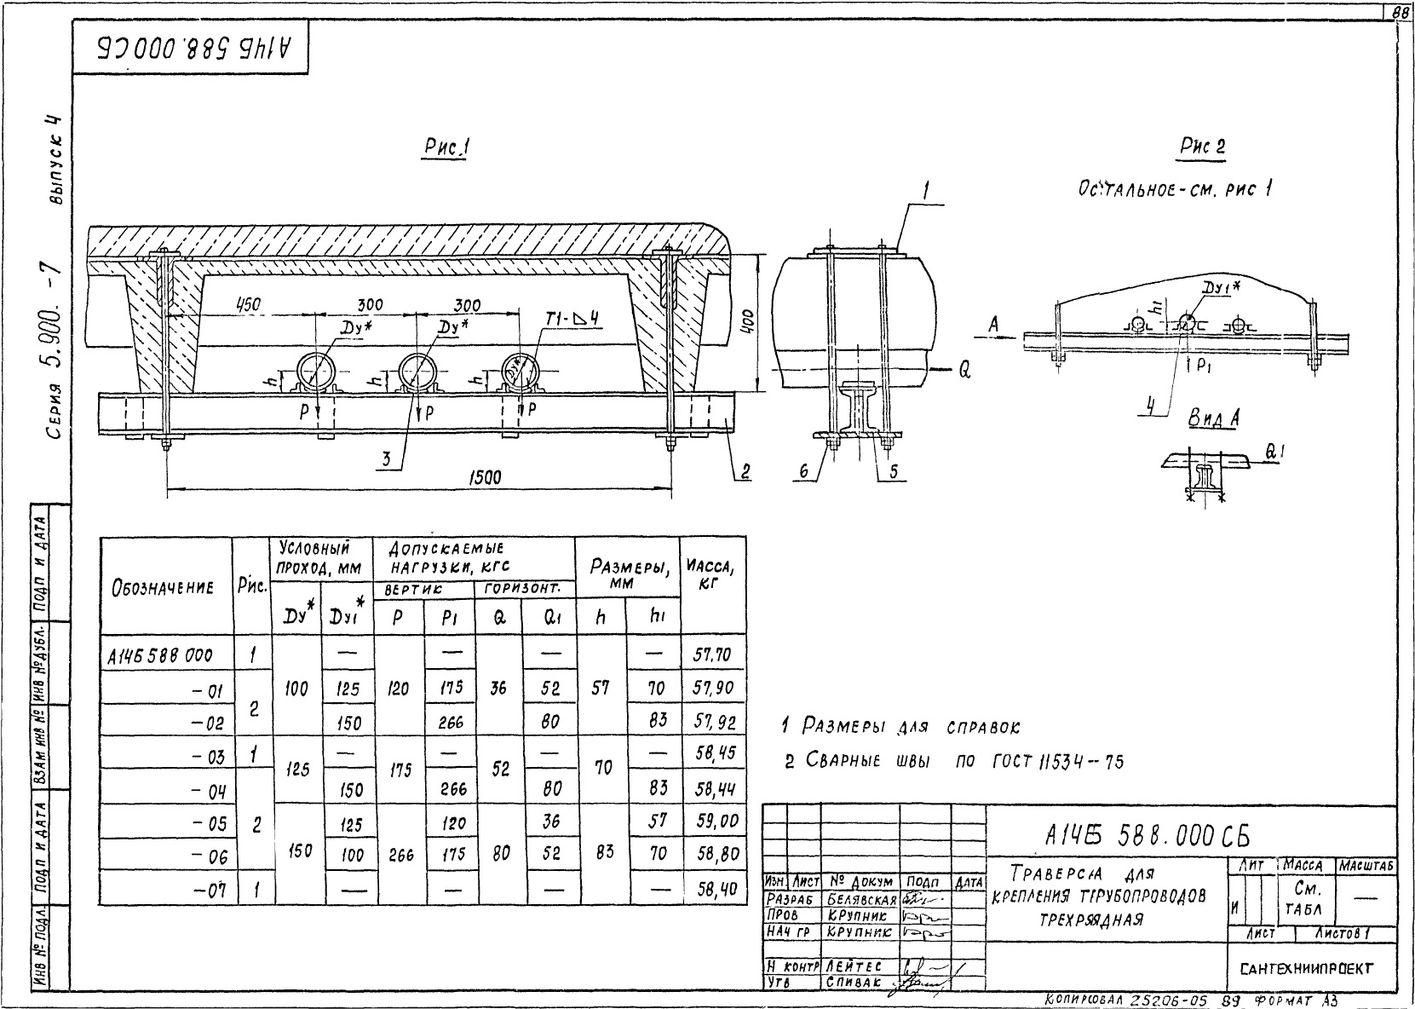 Траверса для крепления трубопроводов трехрядная А14Б 588.000 СБ Серия 5.900-7 выпуск 4 стр.1